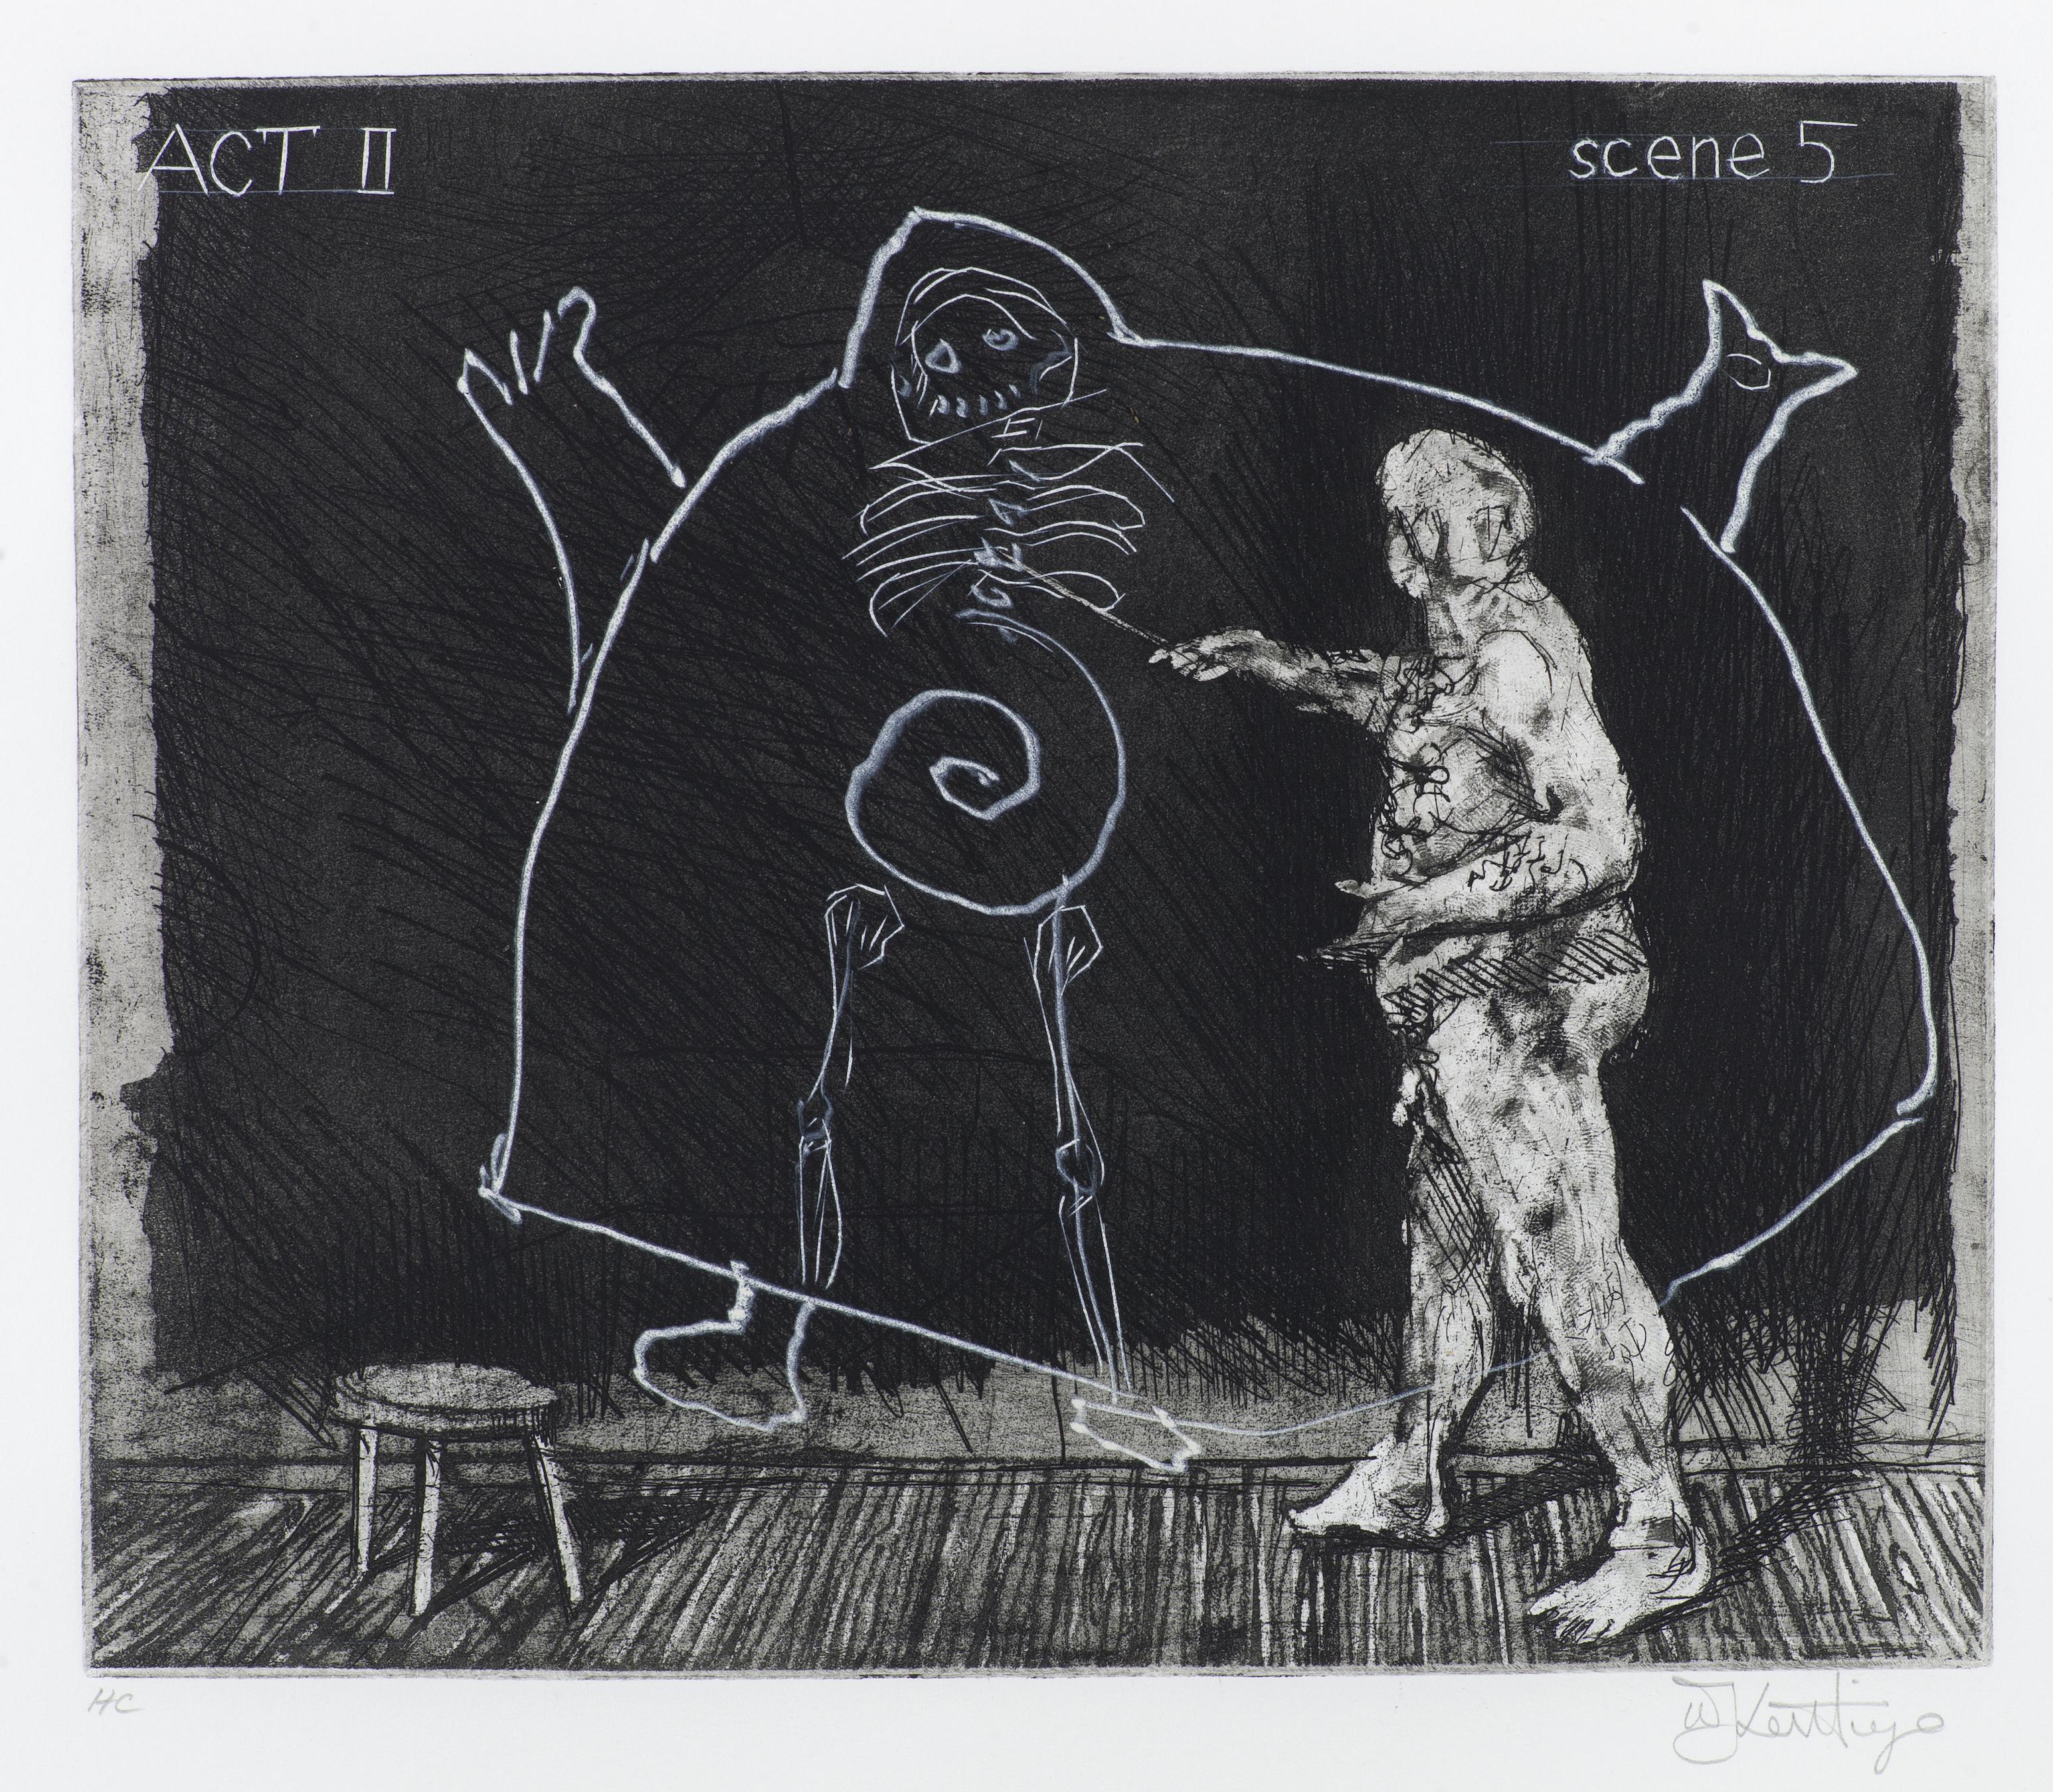 Act II / Scene 5